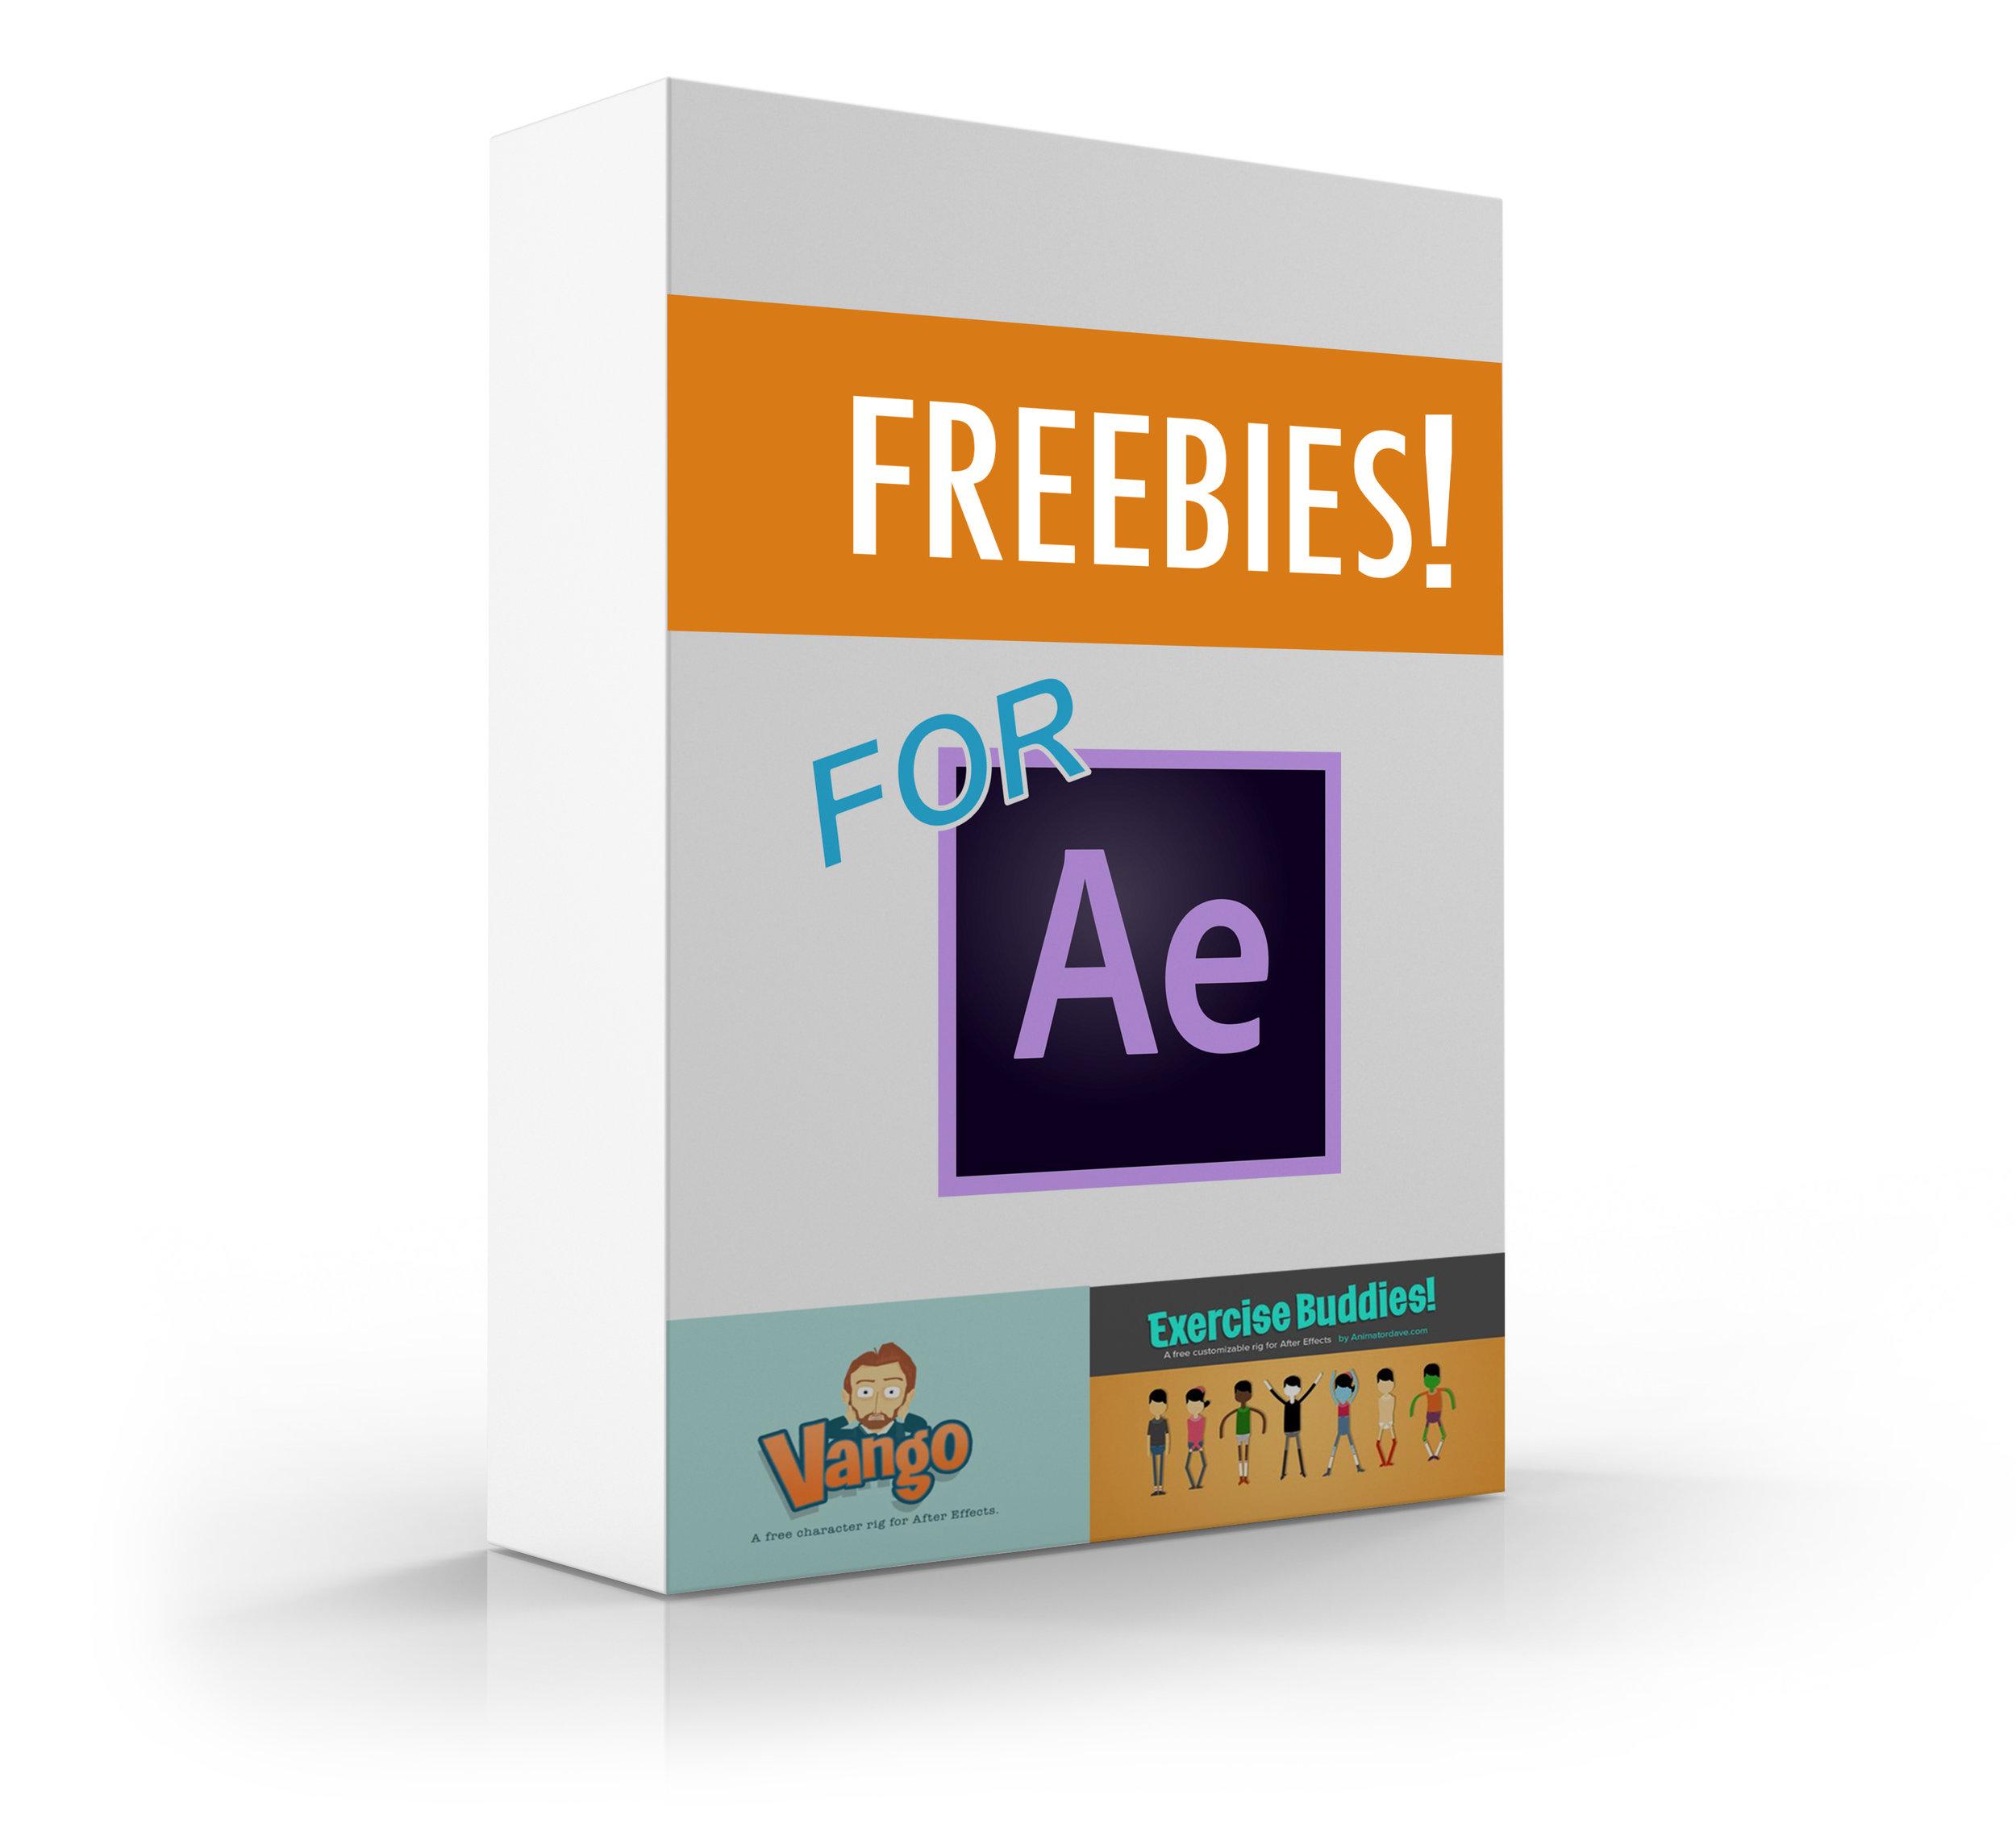 downloads-box.jpg